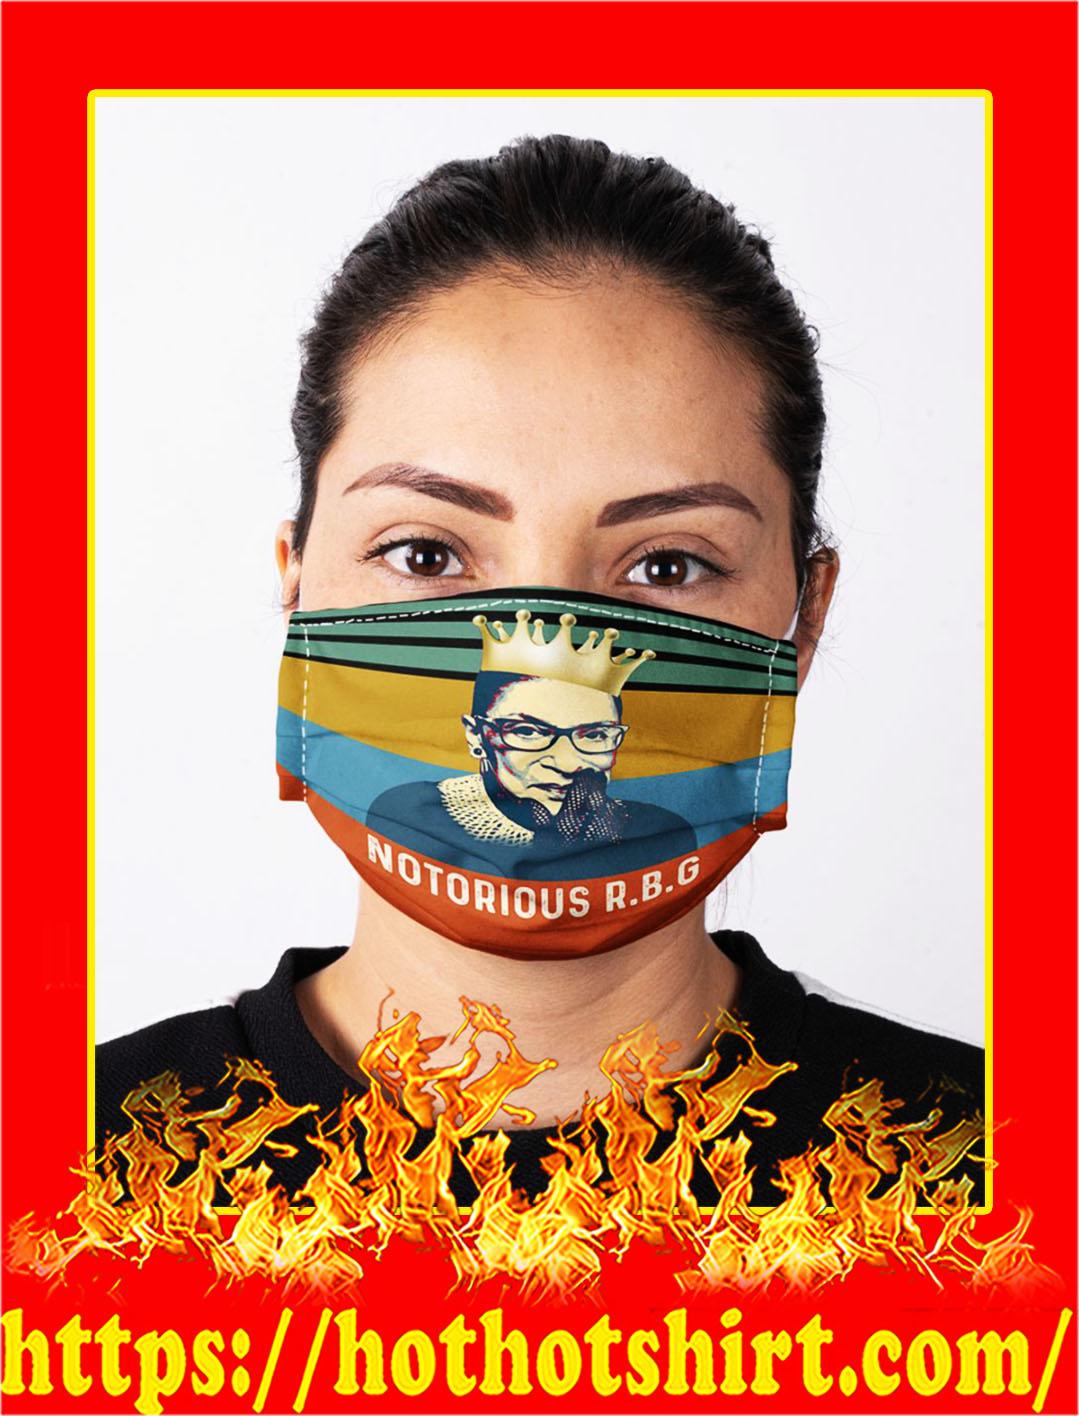 Ruth bader ginsburg notorious rbg face mask- pic 1